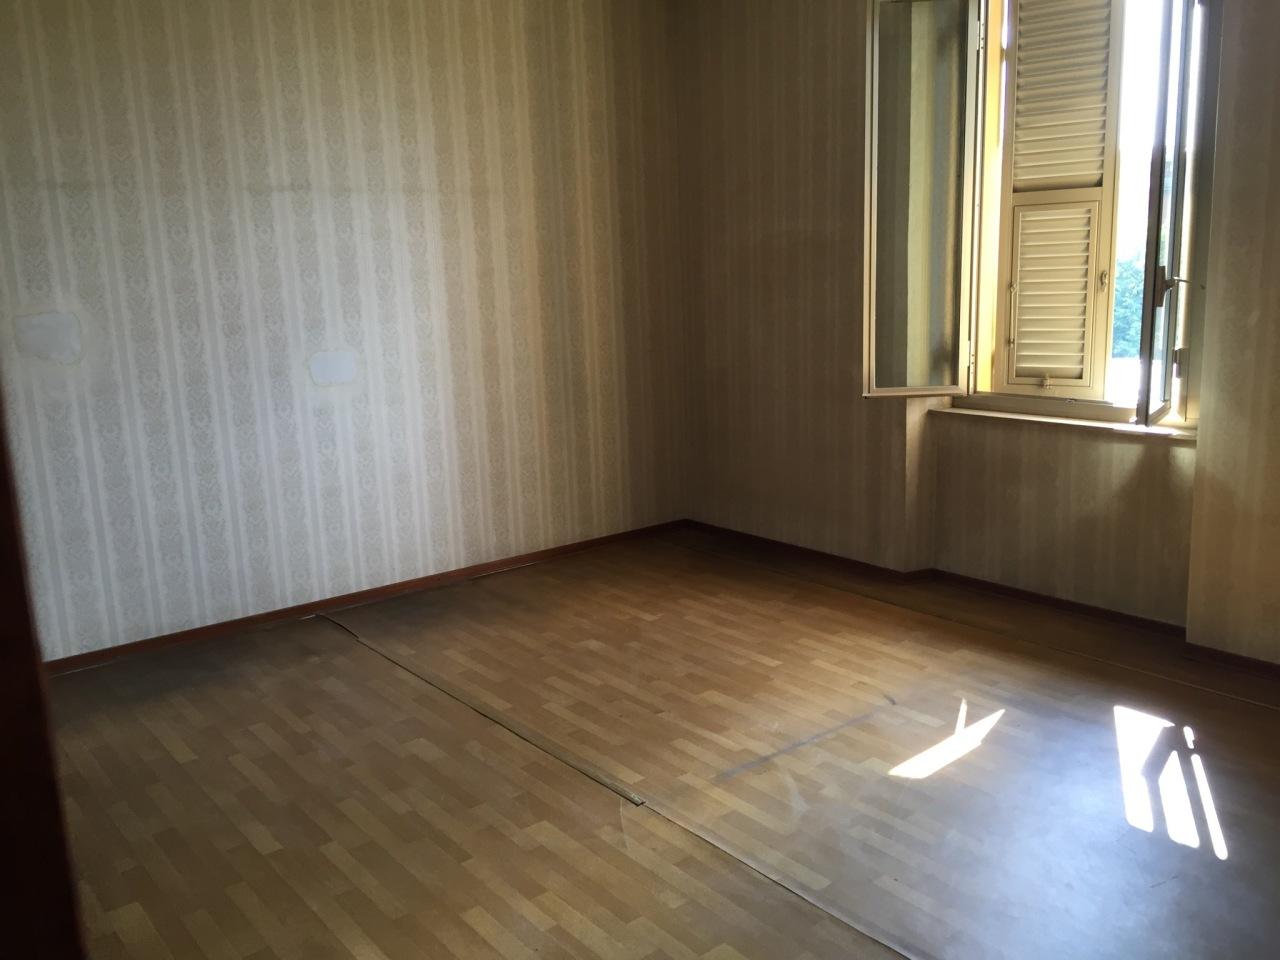 Appartamento in vendita a Parma, 3 locali, prezzo € 75.000 | Cambio Casa.it